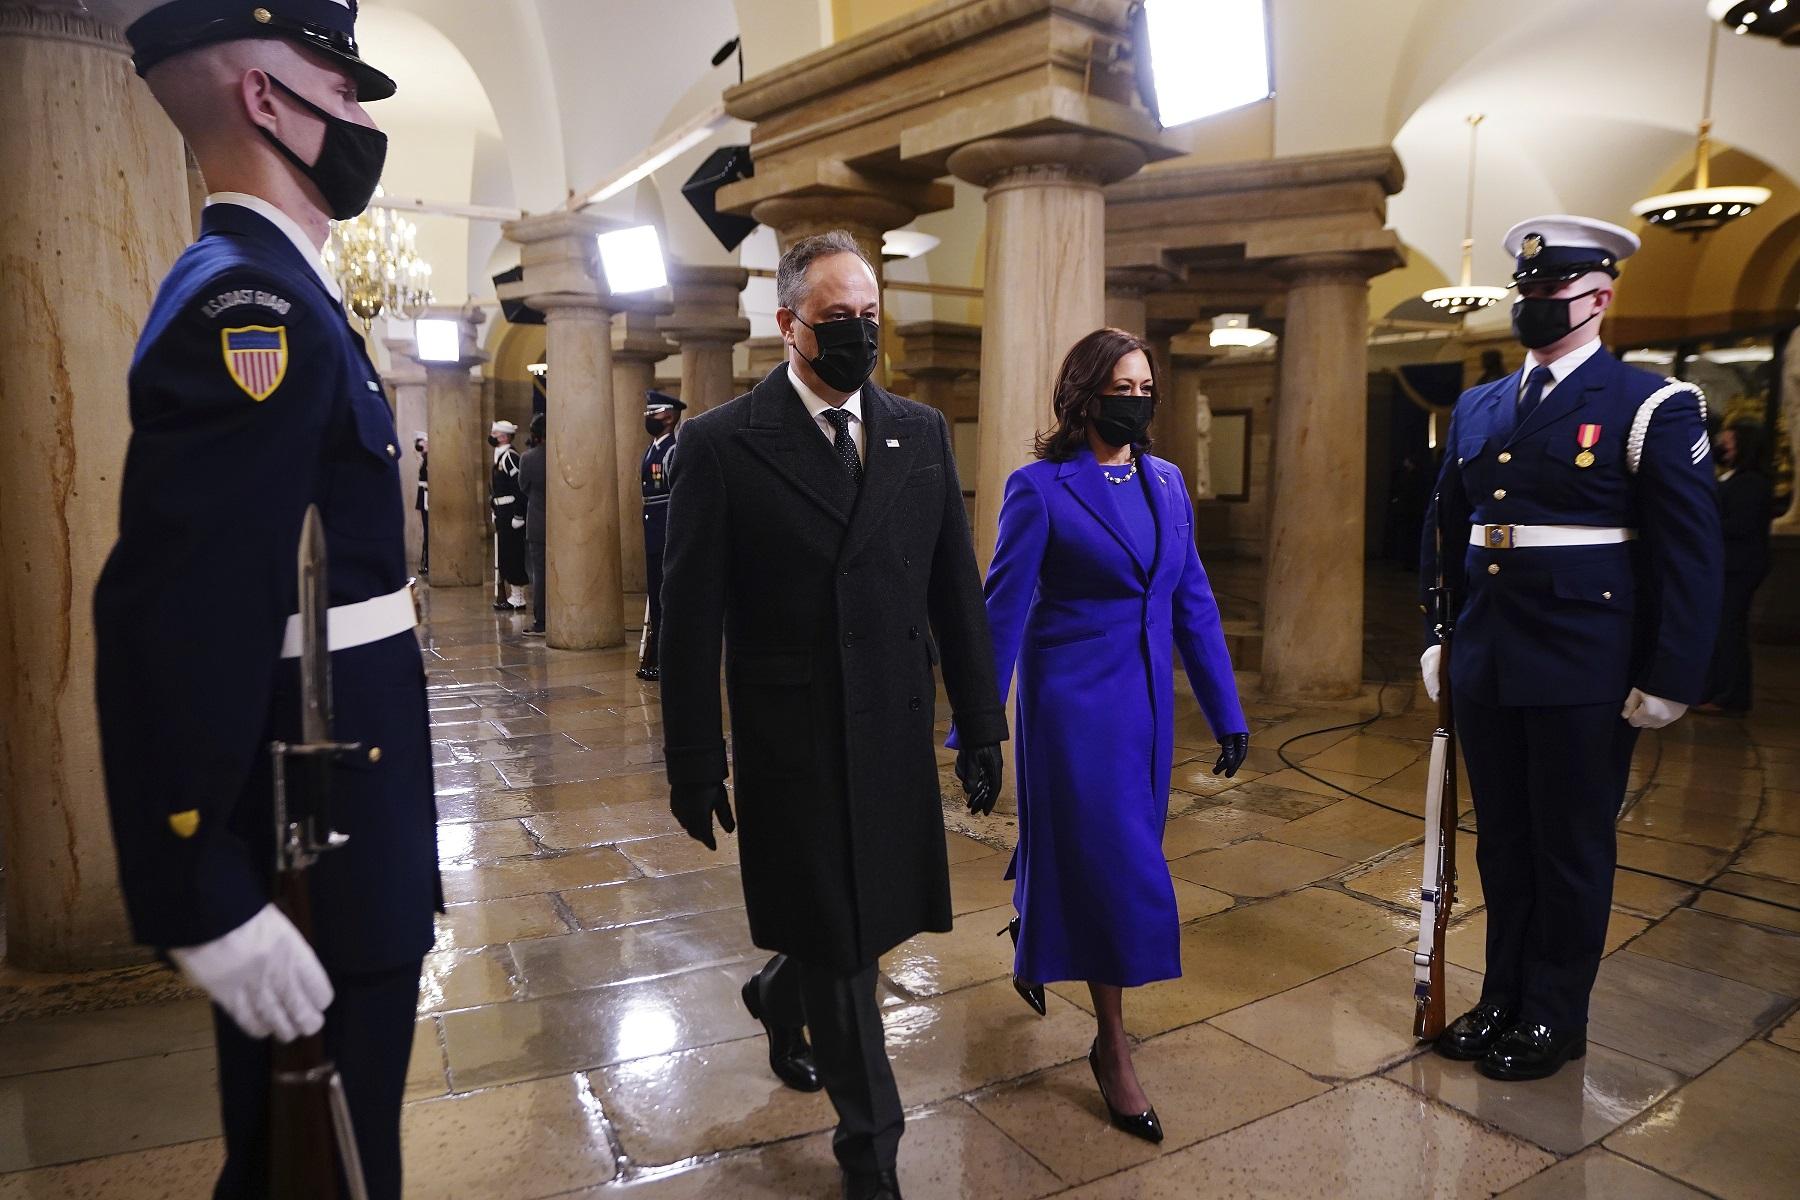 Kamala Harris seleccionó el azul para un día tan importante en su carrera política. Su ajuar fue una creación de Christopher John Rogers y Sergio Hudson, dos marcas de diseñadores afroamericanos. (AP)